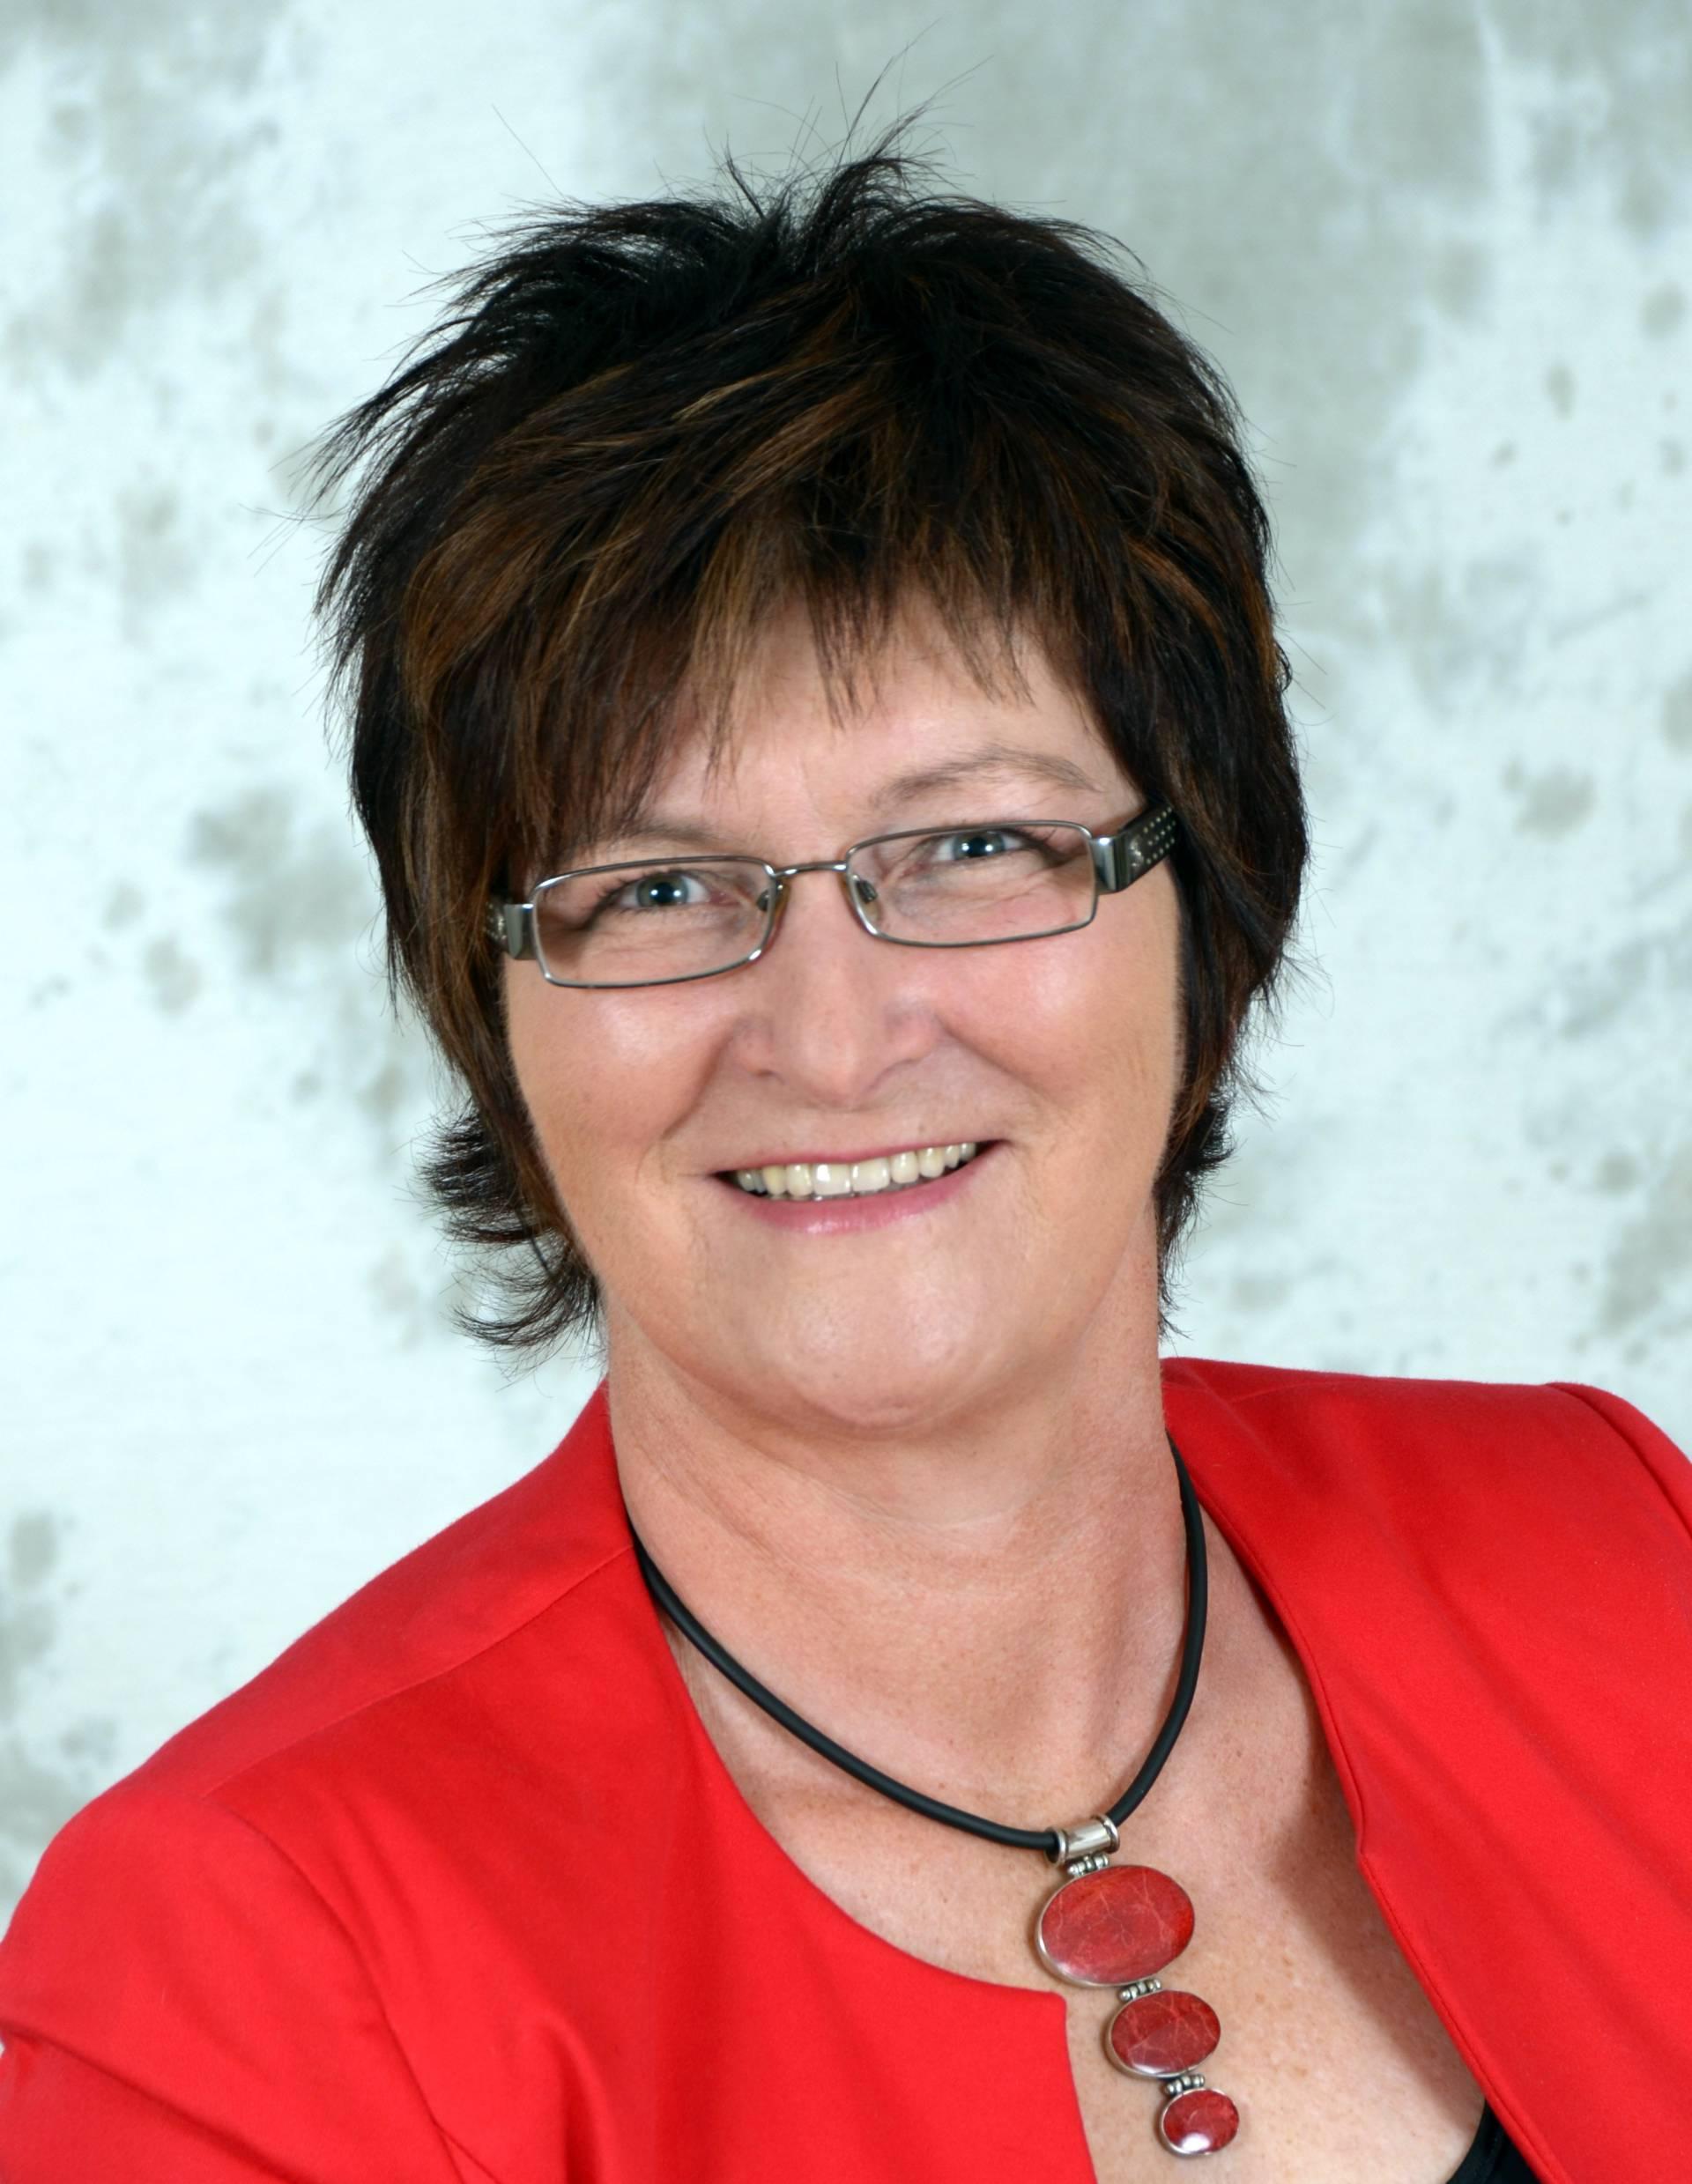 D78083 - Irene Schneider